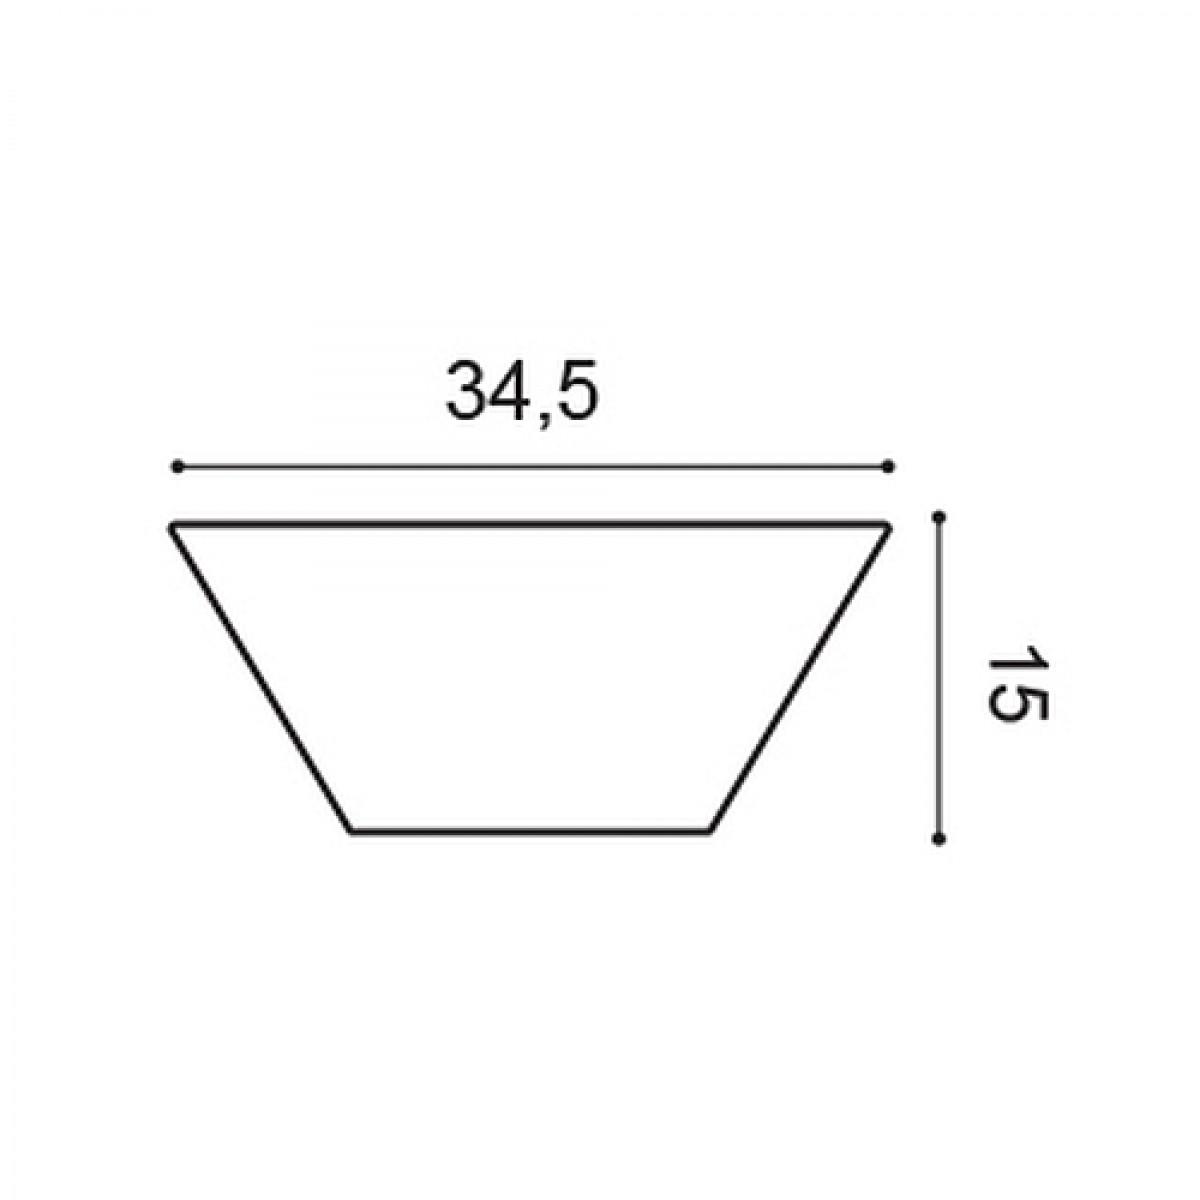 Panel Modern W101, Dimensiuni: 15 X 34.5 X 2.9 cm, Orac Decor